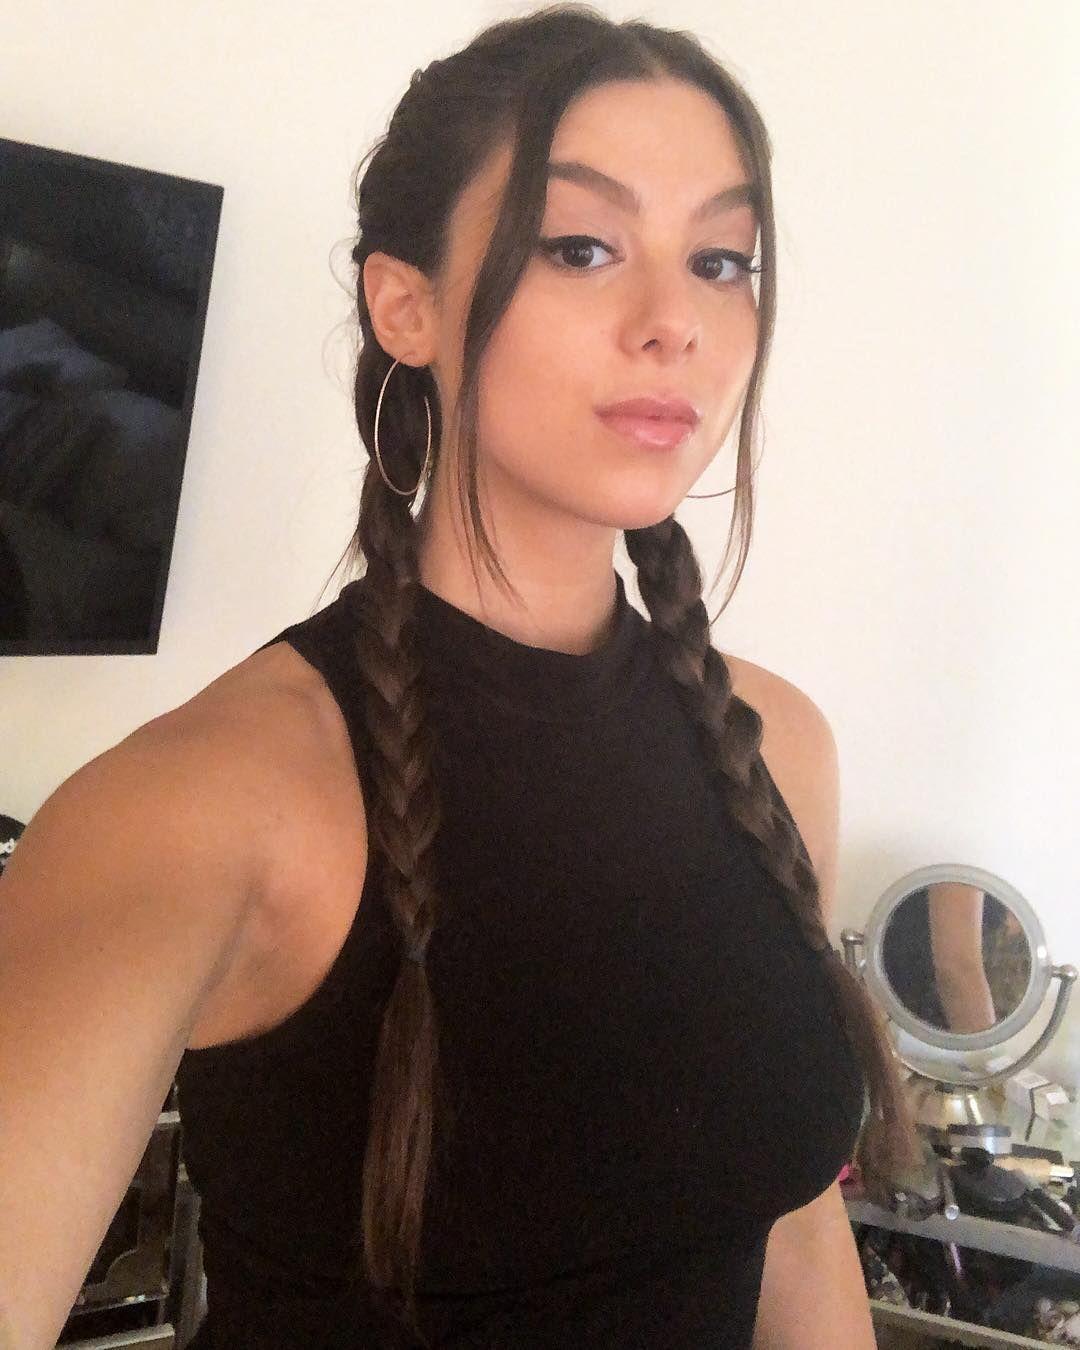 Instagram kira kosarin Kira Kosarin's